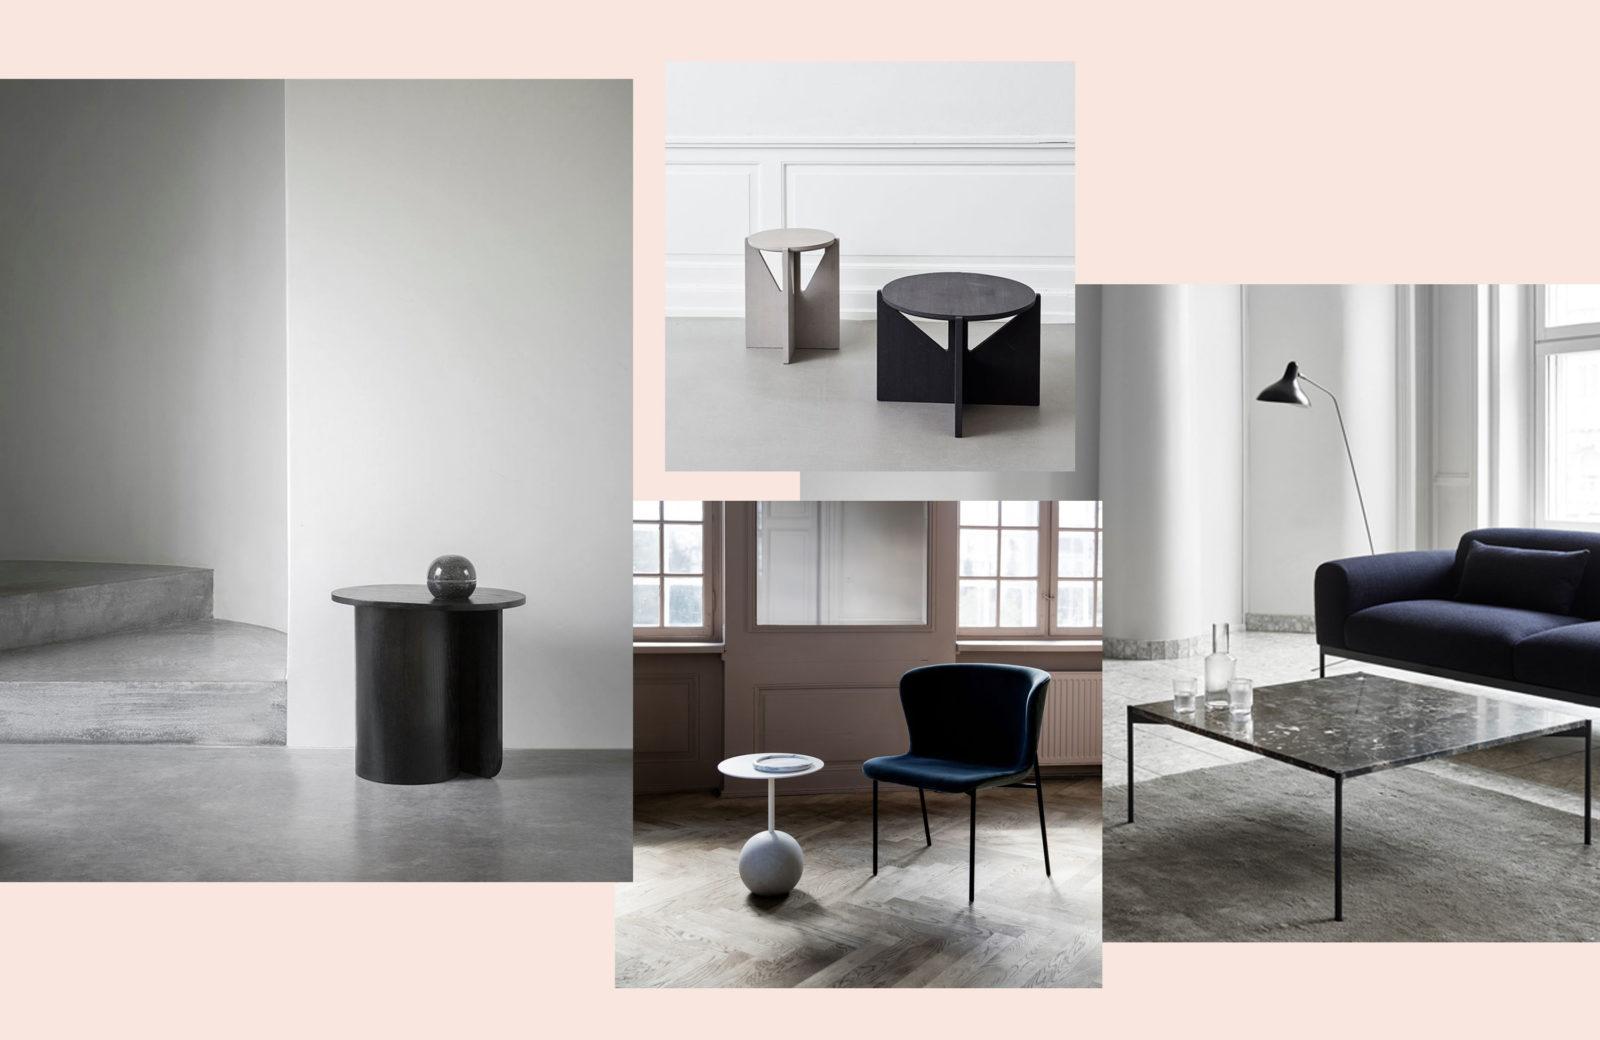 journelles maison die tollsten designer beistelltische und g nstige alternativen journelles. Black Bedroom Furniture Sets. Home Design Ideas